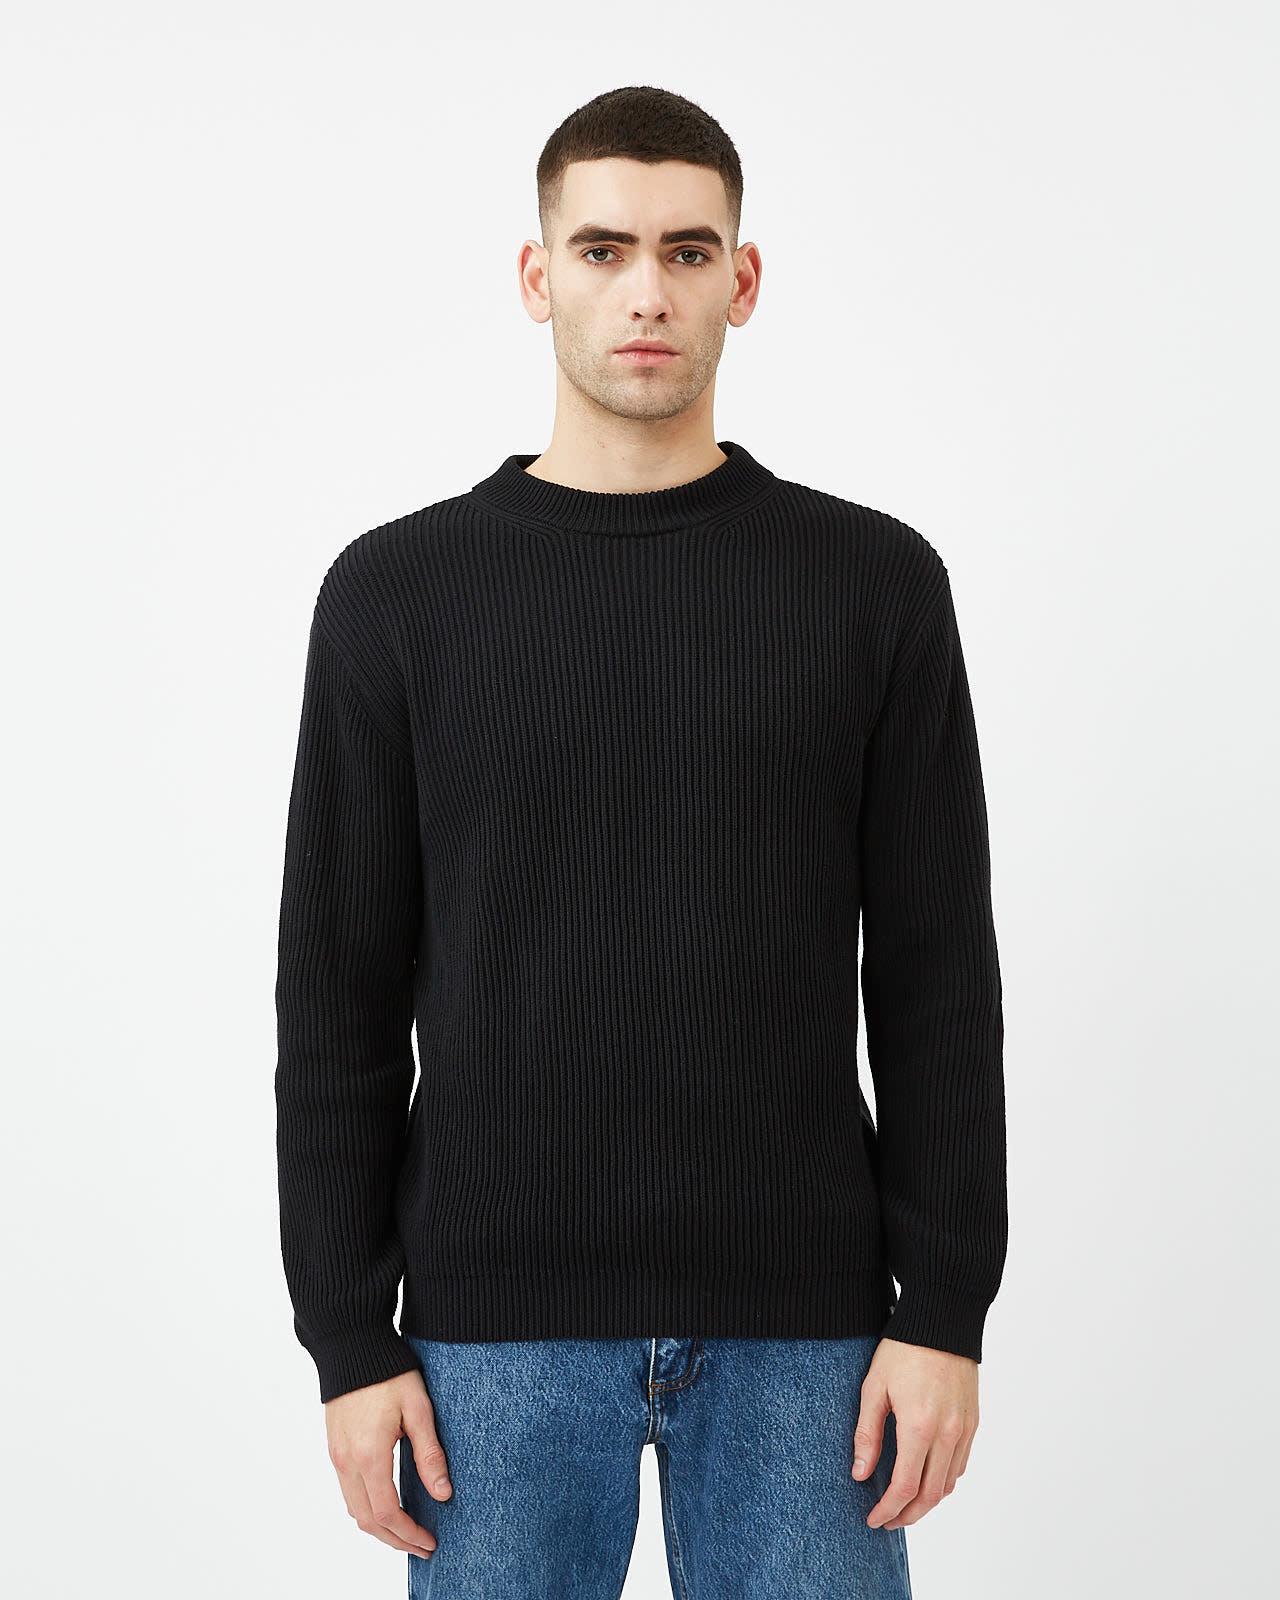 Minimum Minimum Forta 9104 Knit Black